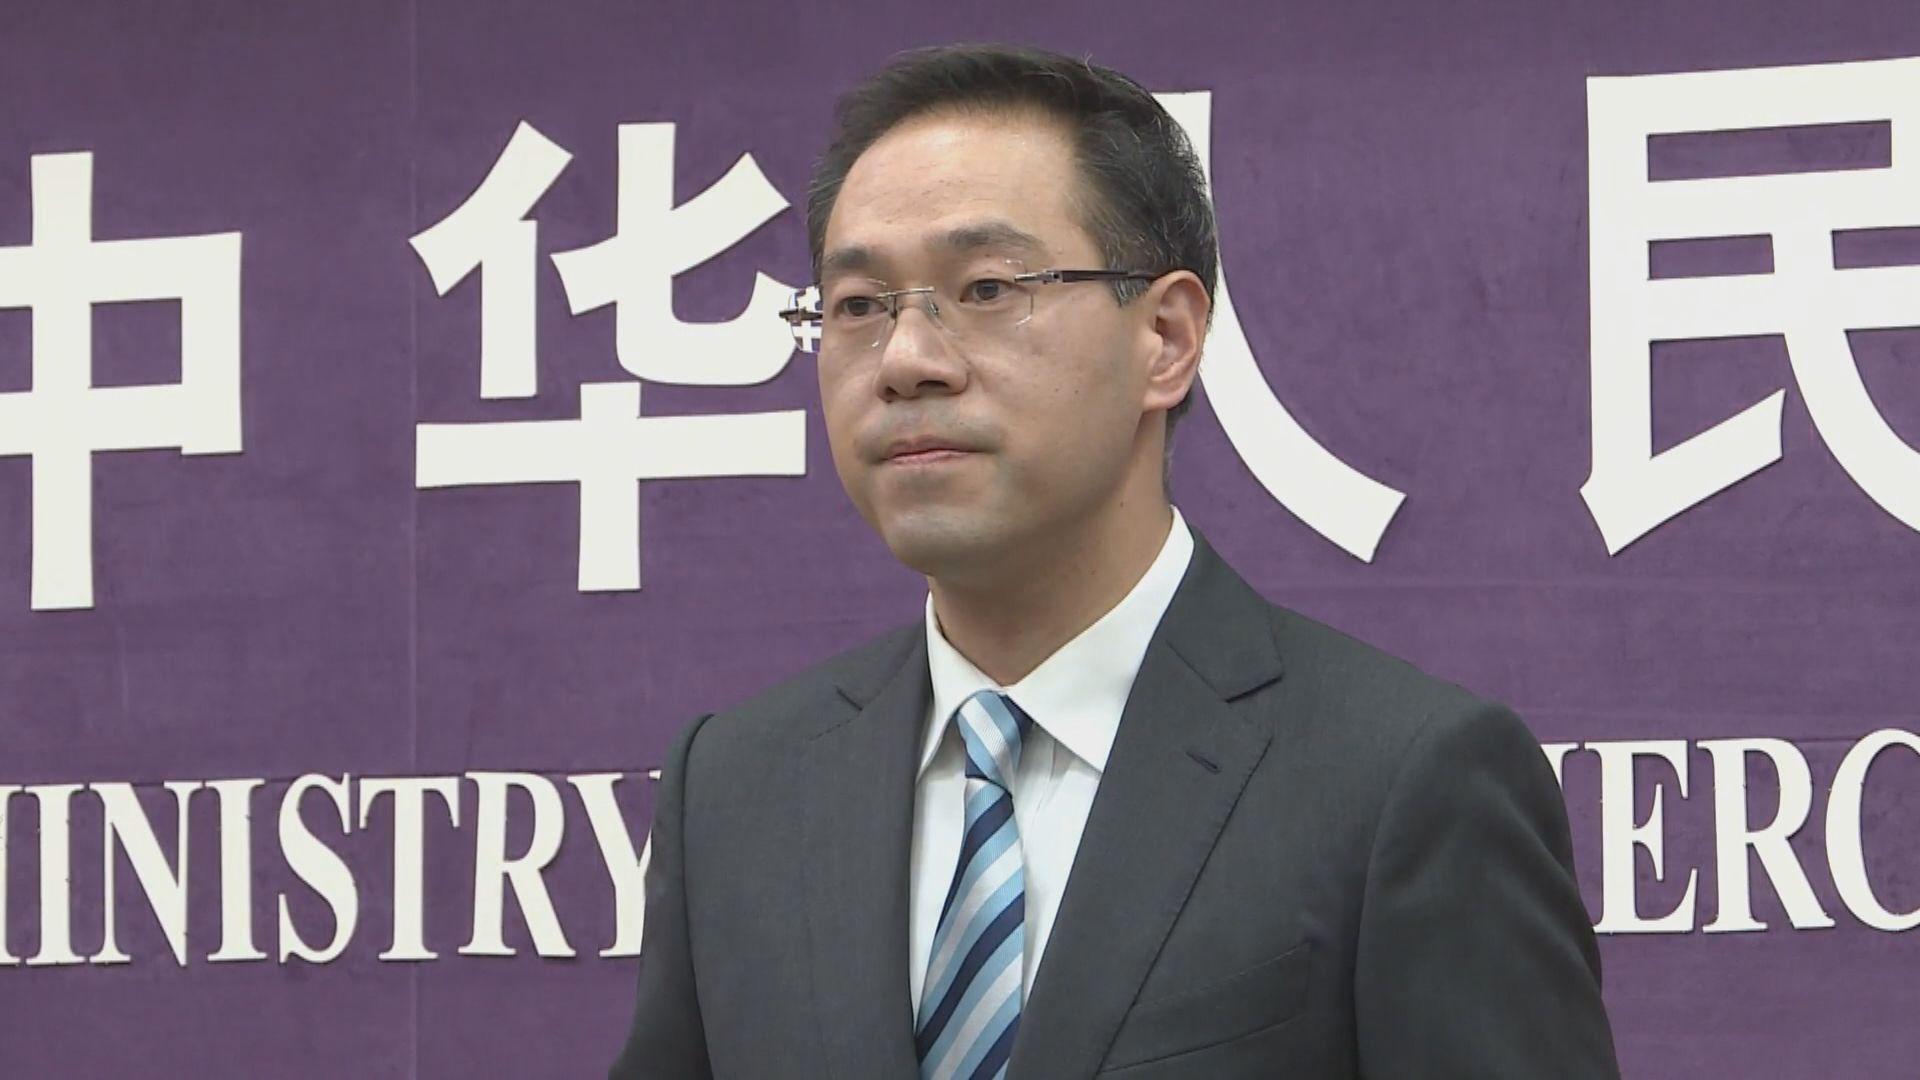 【中美貿易戰】商務部指外資企業沒大規模撤資